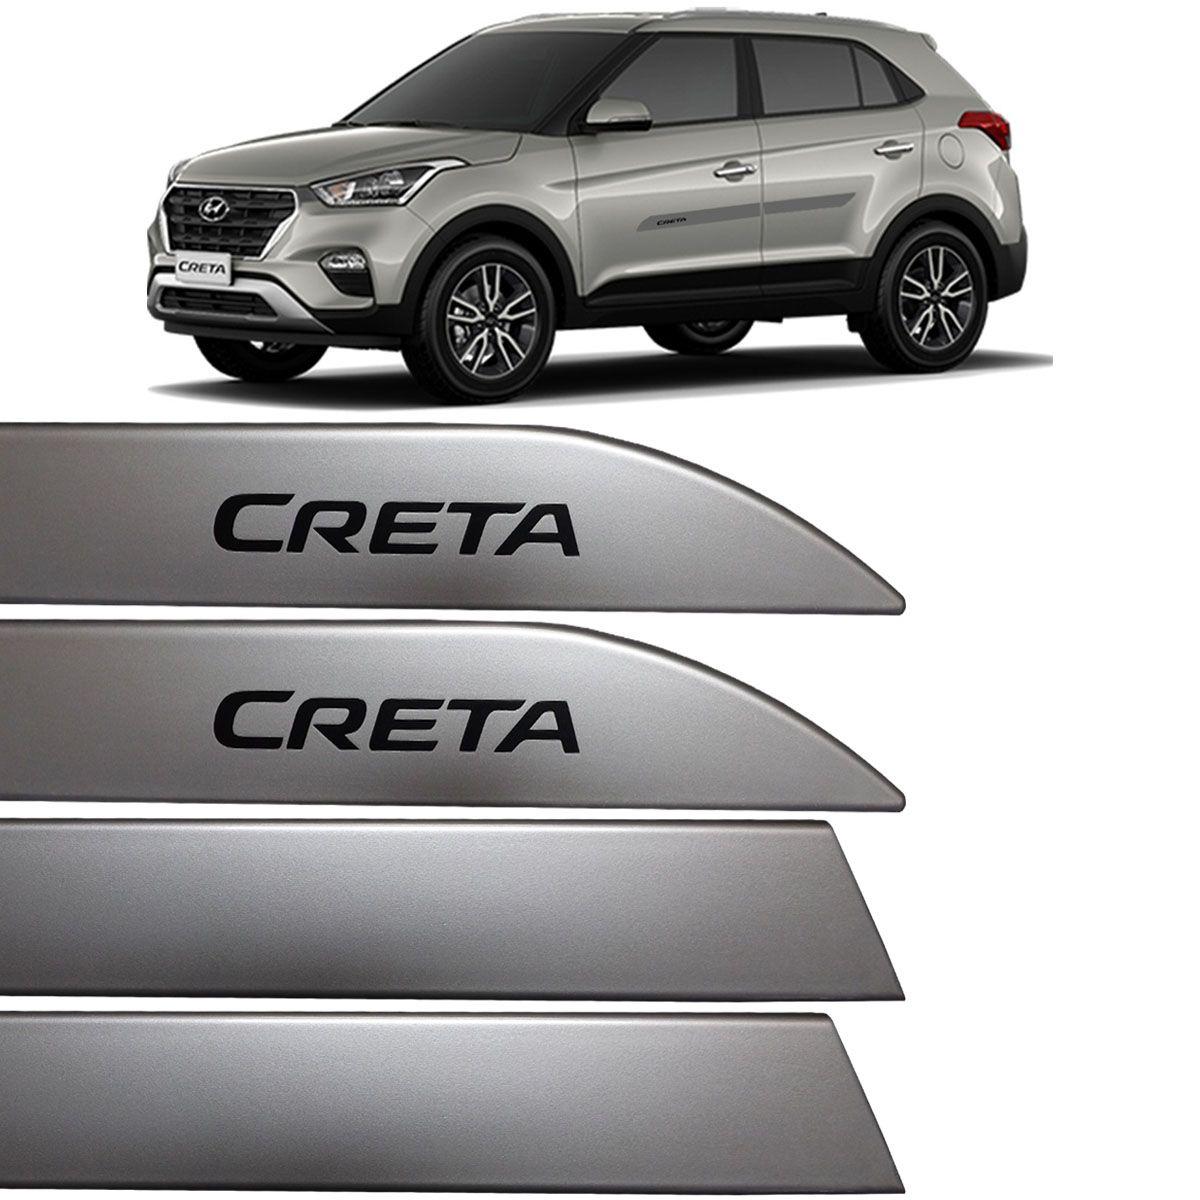 Jogo Friso Lateral Hyundai Creta 2017 Até 2018 Prata Metal